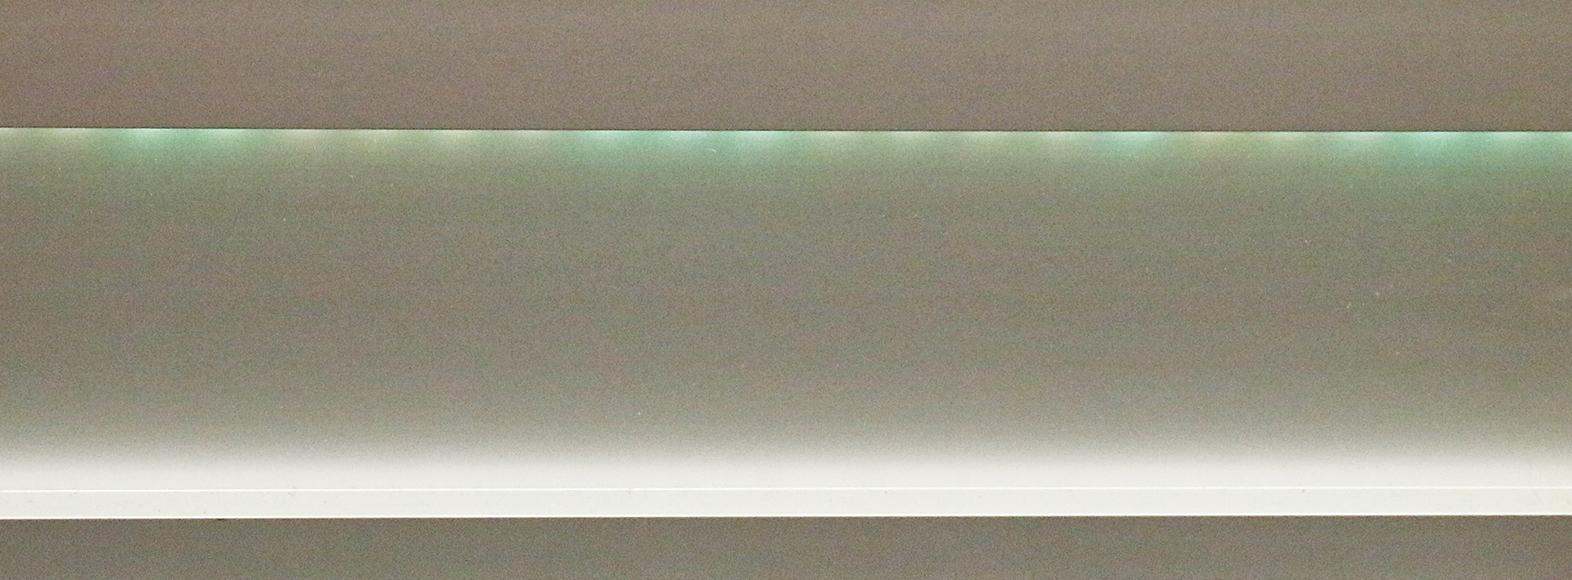 green-led-light-vinson-aluminum-baseboard-1